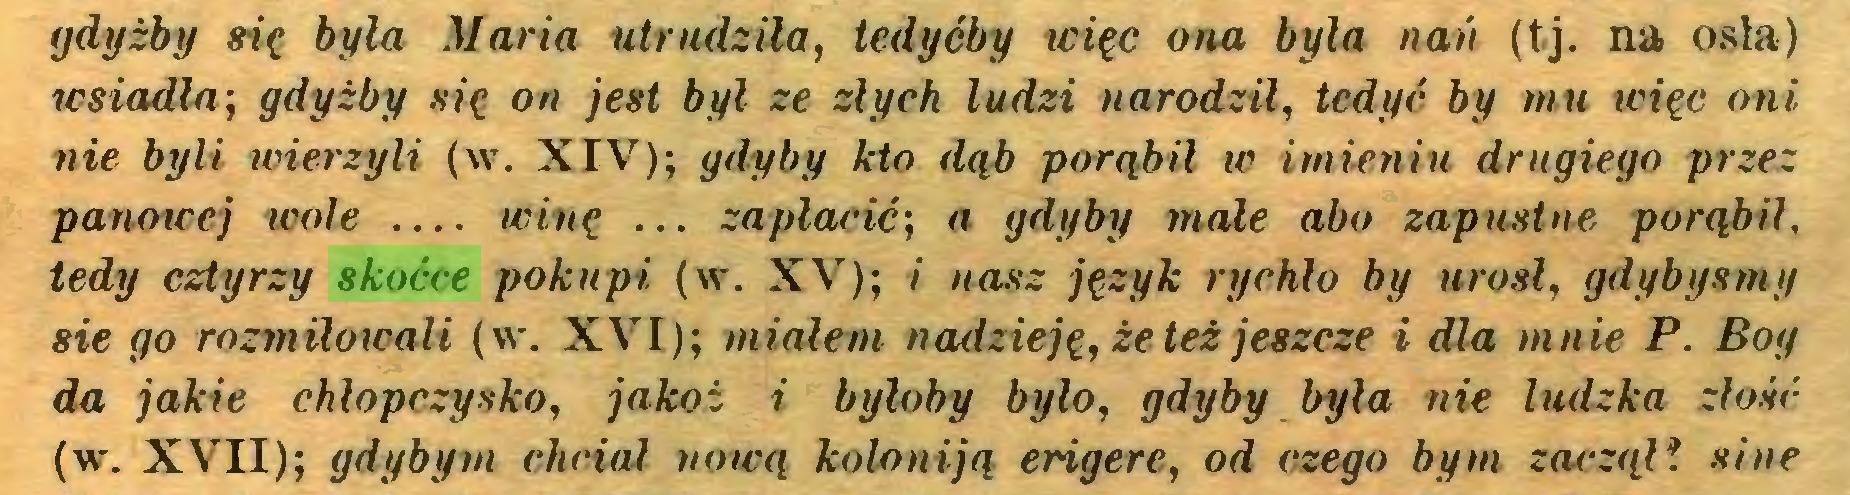 (...) gdyżby się była Maria utrudziła, tedyćby więc ona była nań (tj. na osia) wsiadła; gdyżby się on jest byl ze złych ludzi narodził, tcdyć by mu więc oni nie byli wierzyli (w. XIV); gdyby kto dąb porąbil w imienin drugiego przez panowej wole winę ... zapłacić; a gdyby małe abo zapustne porąbil, tedy cztyrzy skoćce pokupi (w. XV); i nasz język rychło by urósł, gdybyśmy sie go rozmiłowali (w. XVI); miałem nadzieję, że też jeszcze i dla mnie P. Boy da jakie chłopczysko, jakoż i byłoby było, gdyby była nie ludzka złość (w\ XVII); gdybym chciał nową koloniją erigere, od czego bym zaczął? sine...